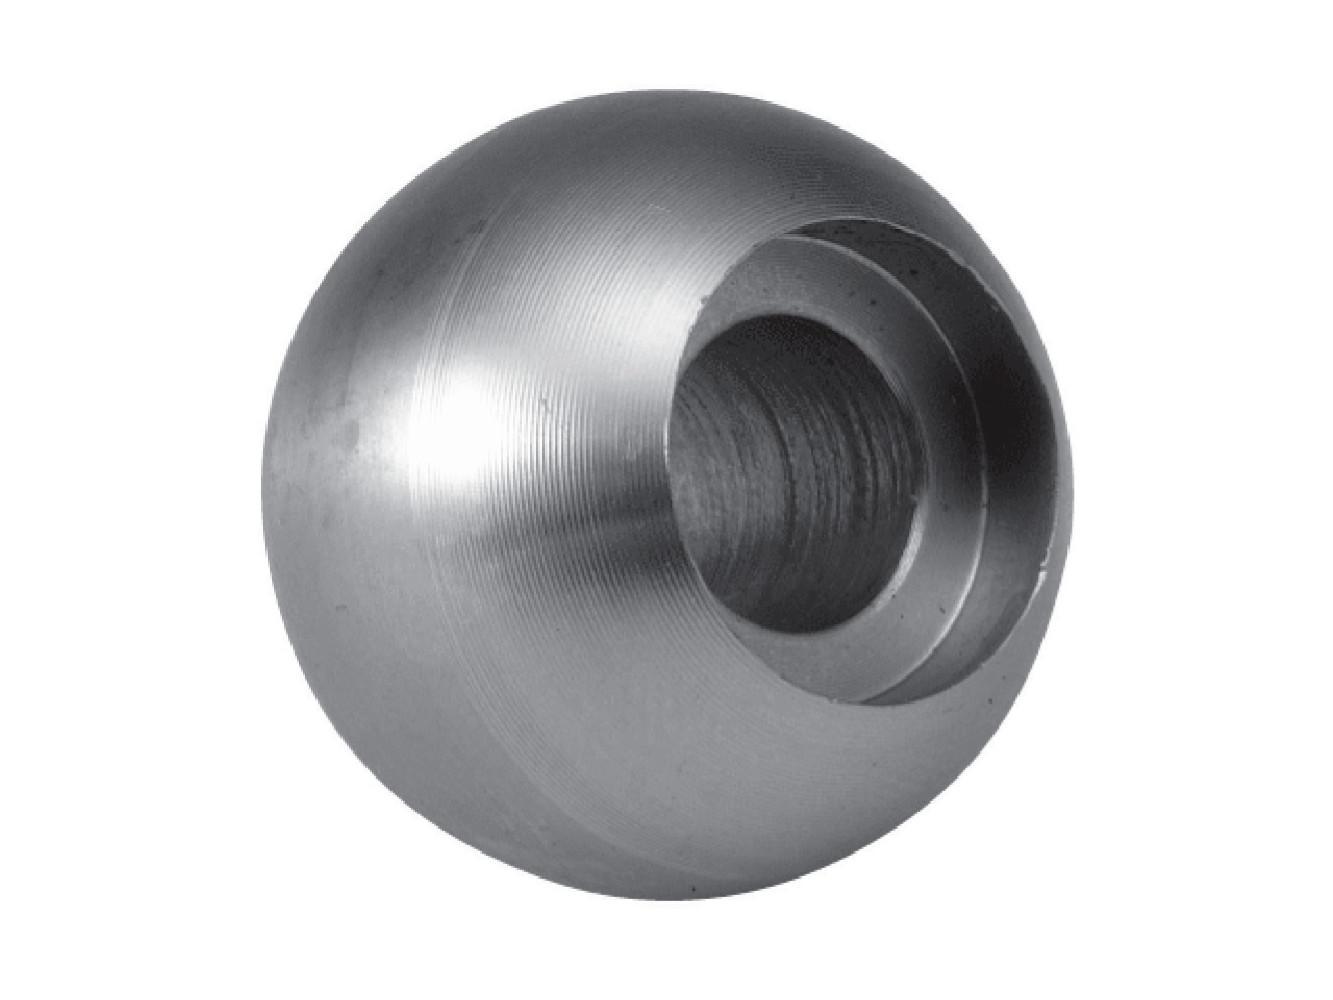 Kugel für Linsenkopfterminal